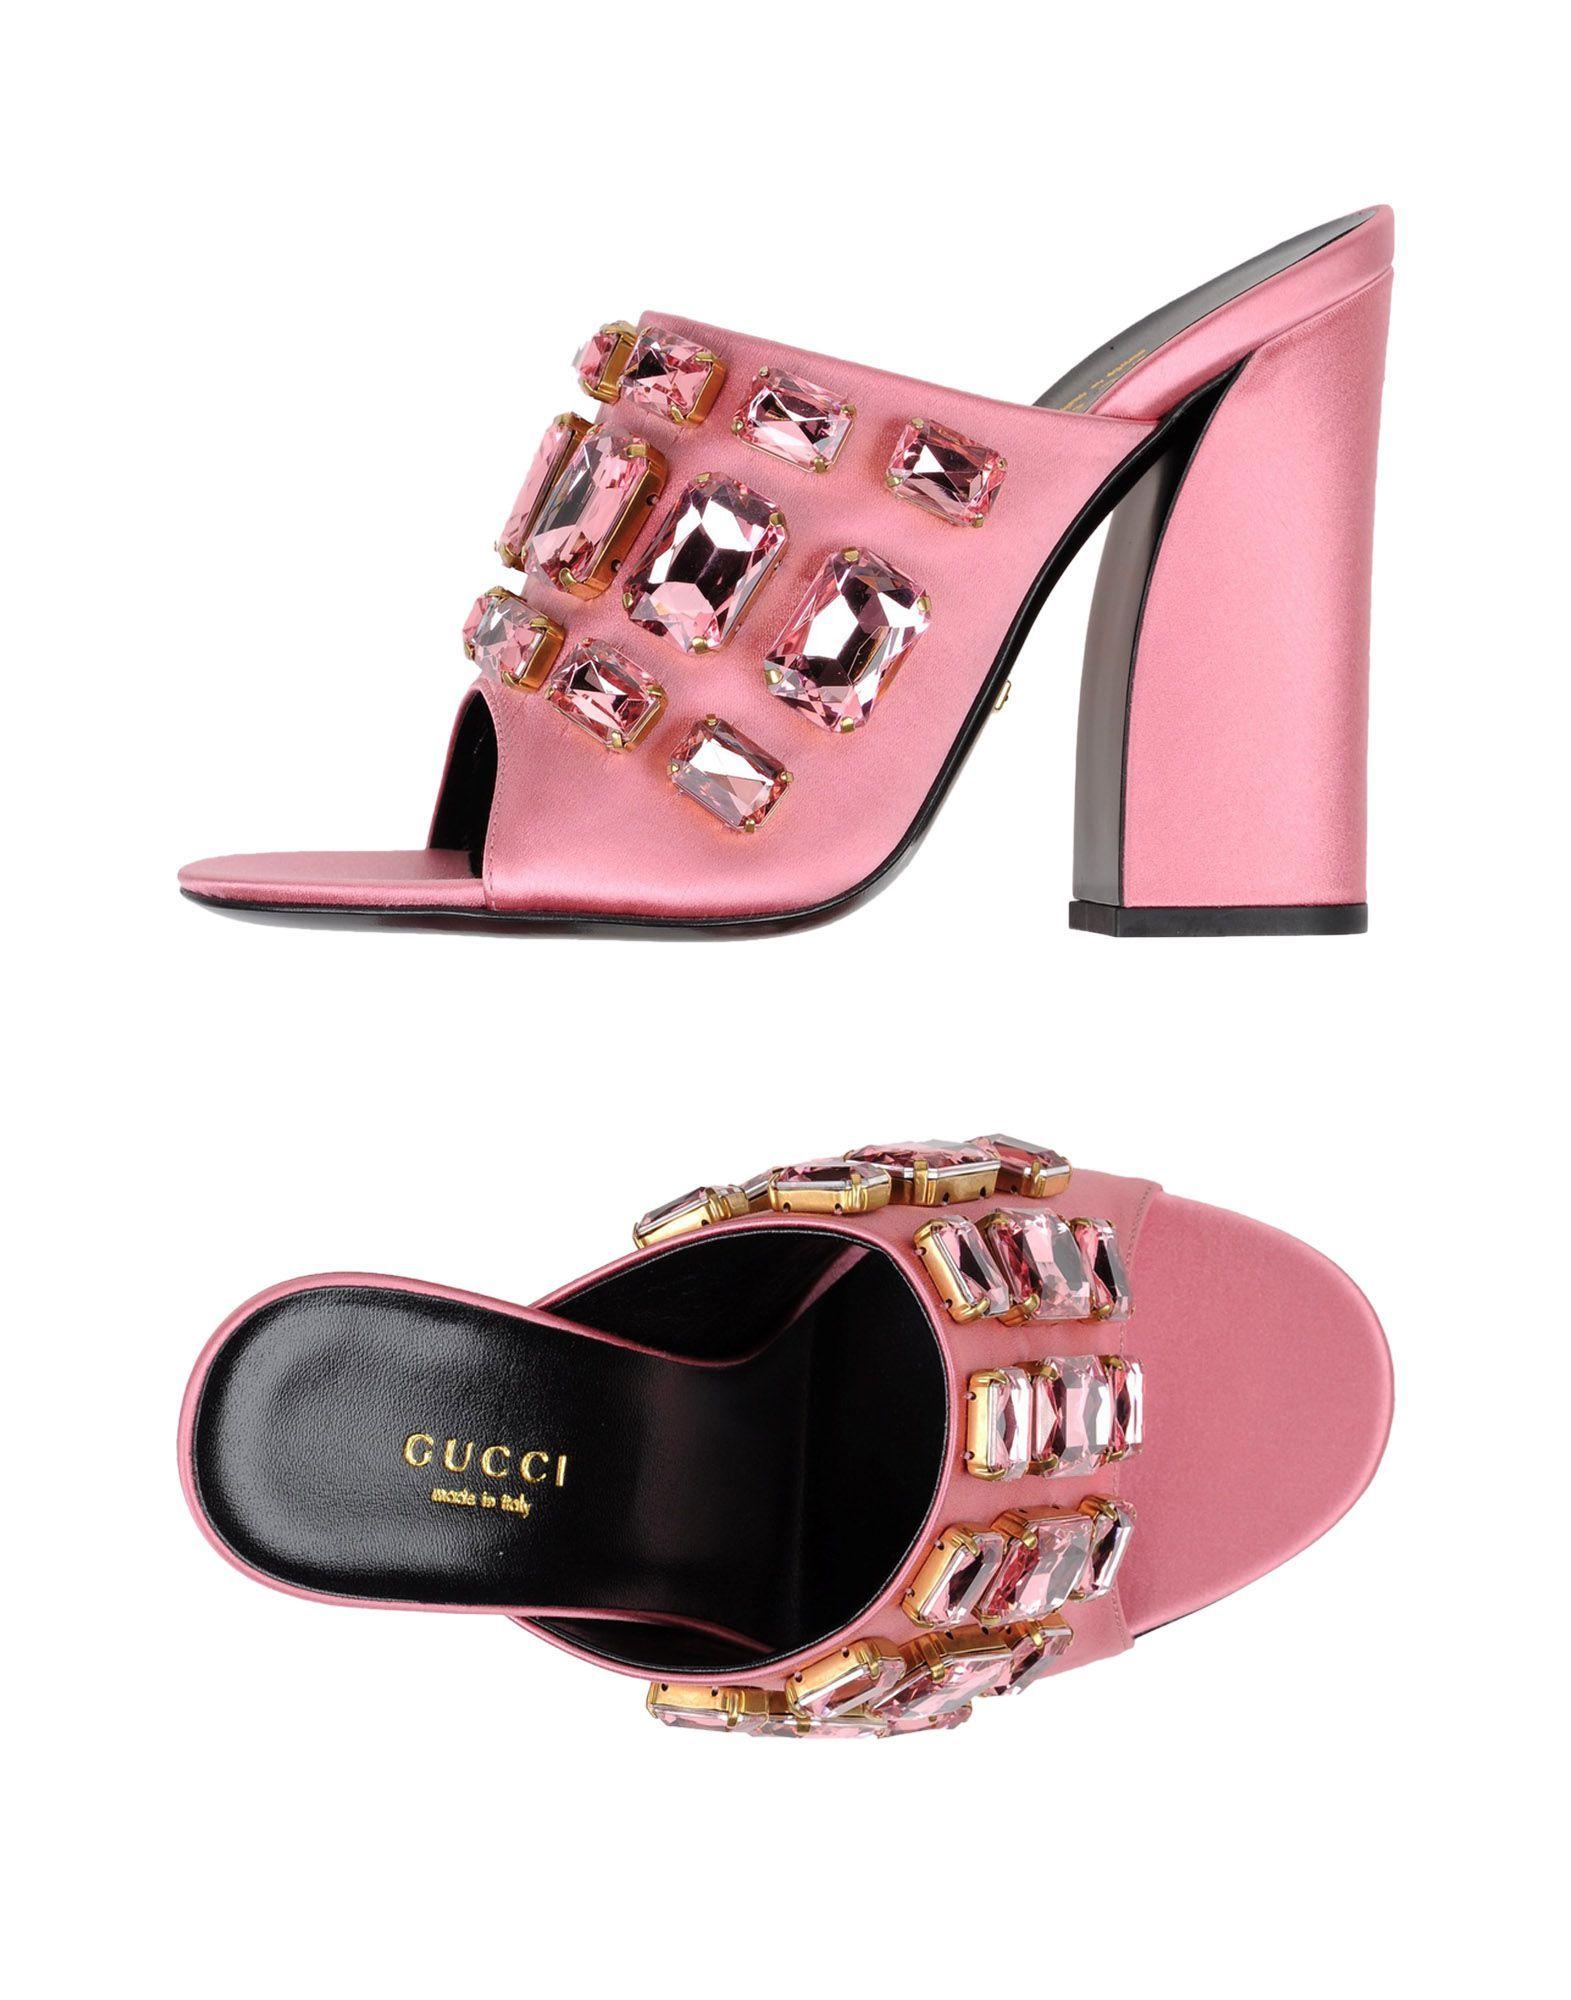 6c7f2faddaa4 Gucci Sandals - Women Gucci Sandals online on YOOX United Kingdom -  11132227PB